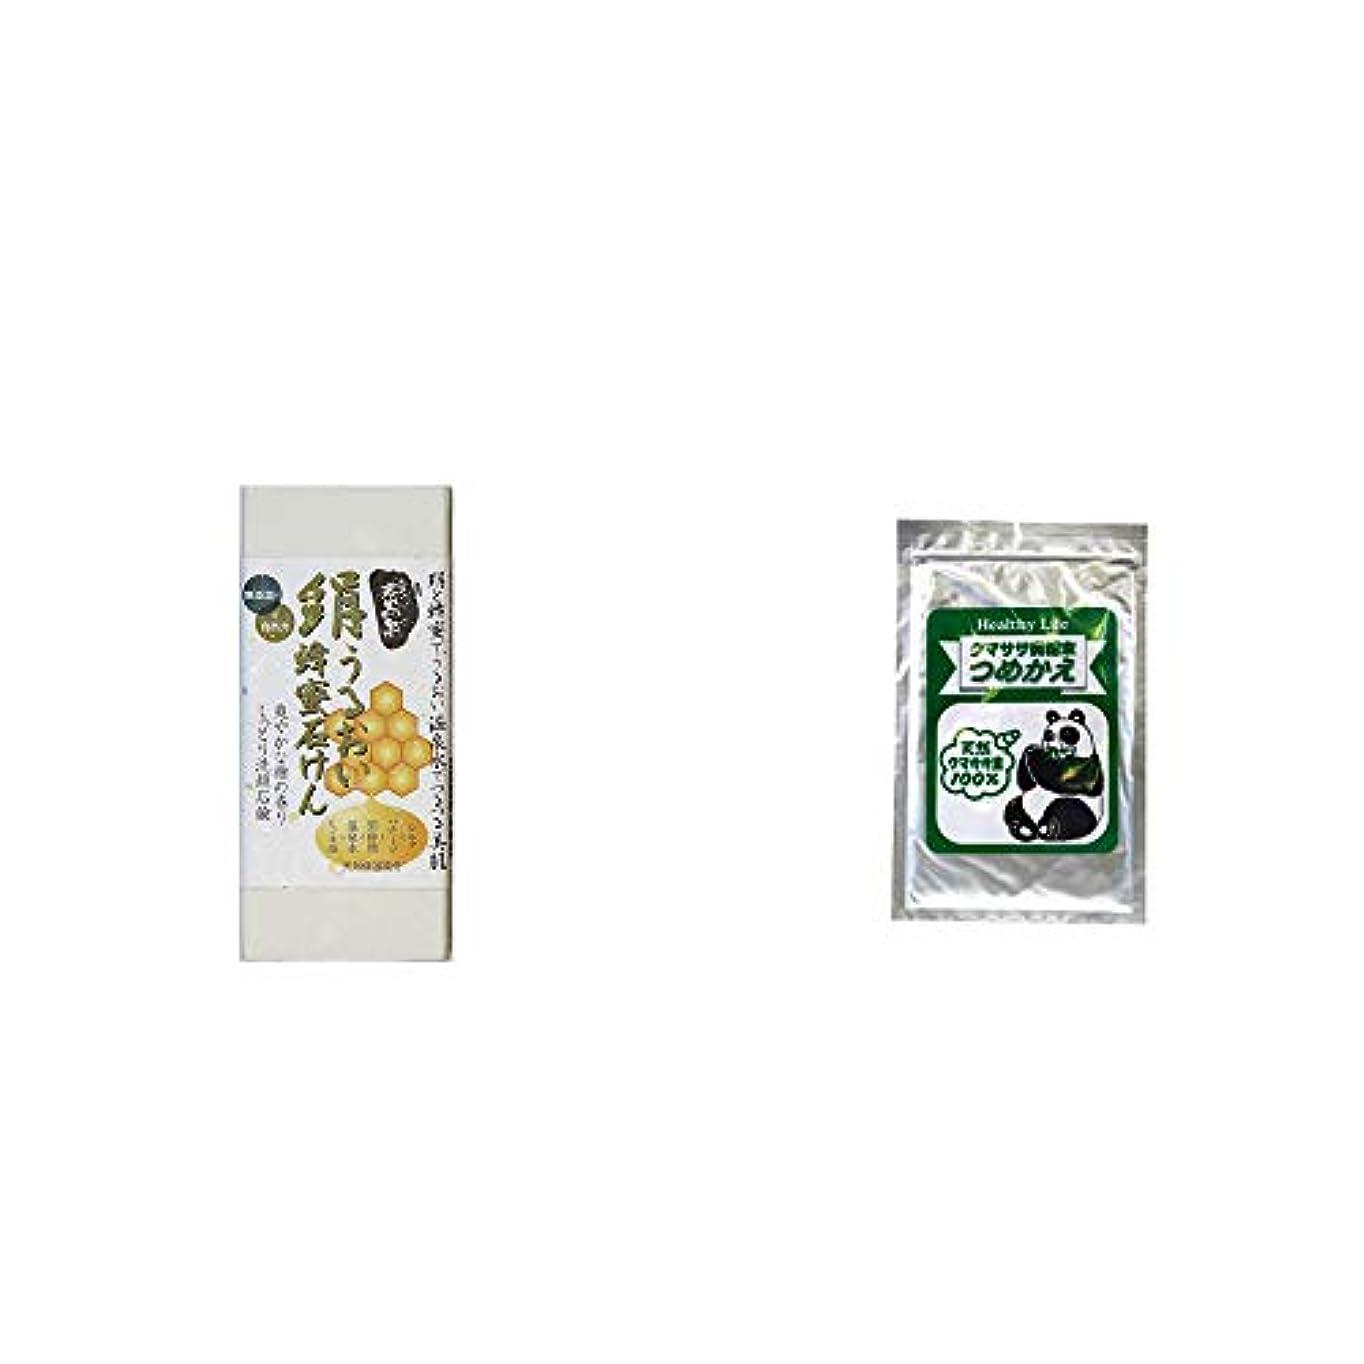 シアーオープニングマトン[2点セット] ひのき炭黒泉 絹うるおい蜂蜜石けん(75g×2)?木曽産 熊笹100% クマササ微粉末 詰め替え用 (60g)